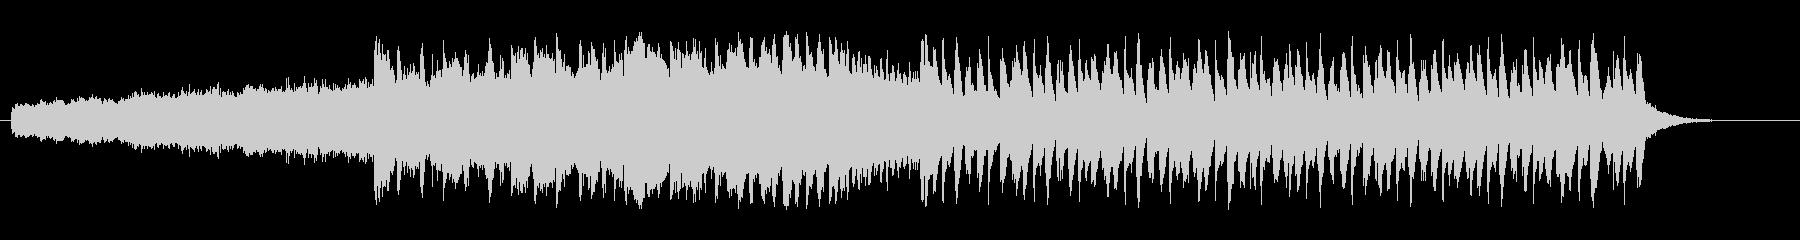 ファンファーレチックなファンクの未再生の波形